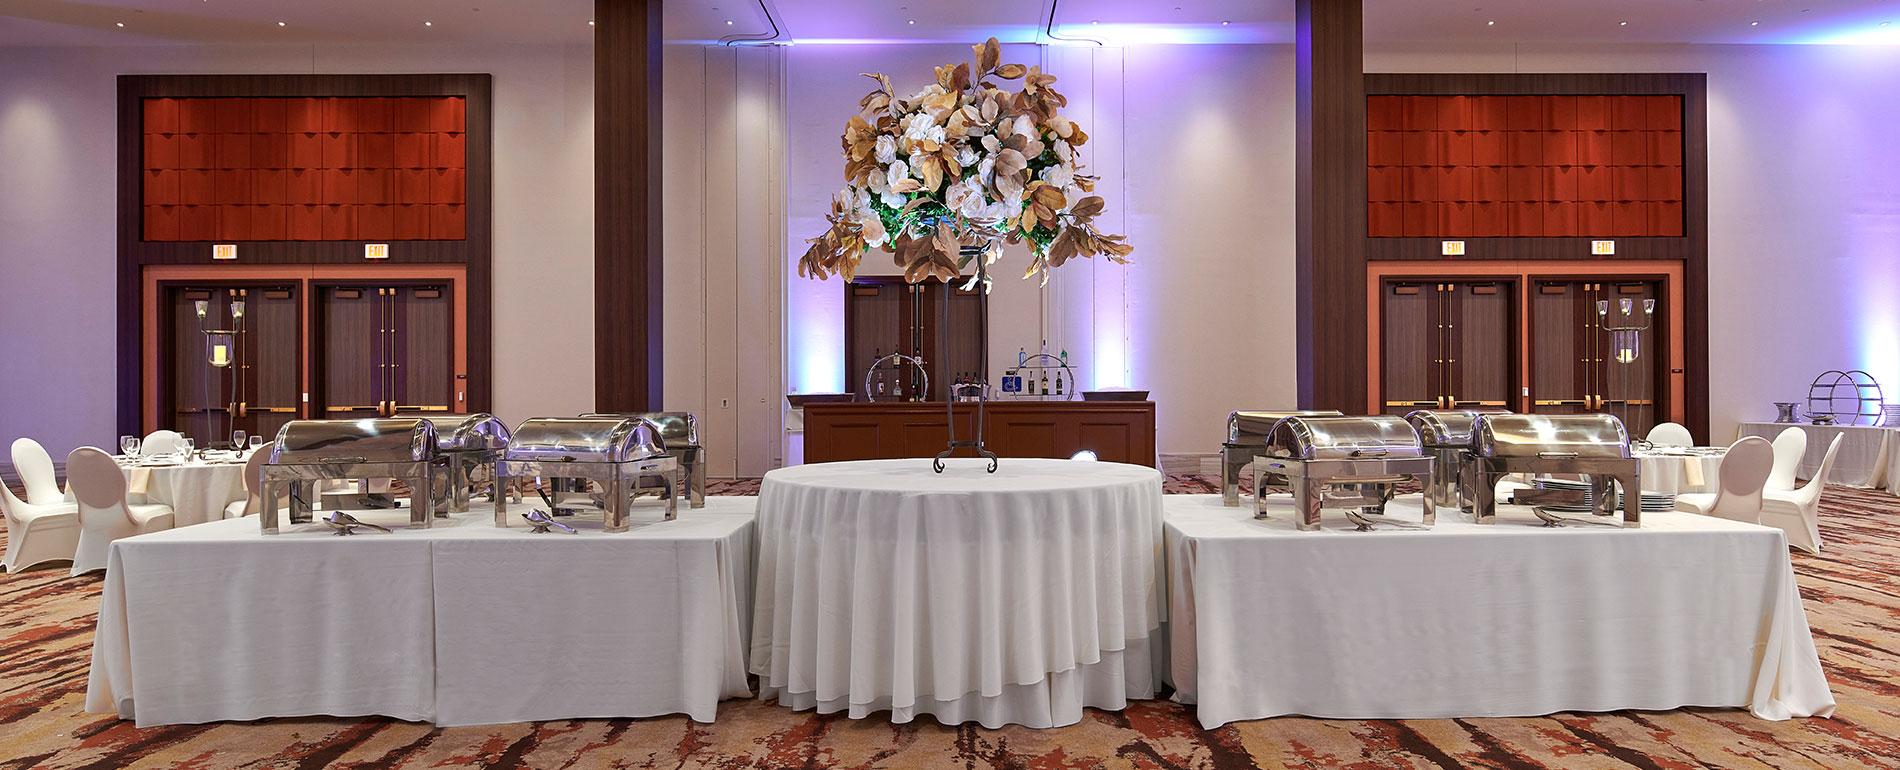 pocono mountain indoor buffet wedding venue